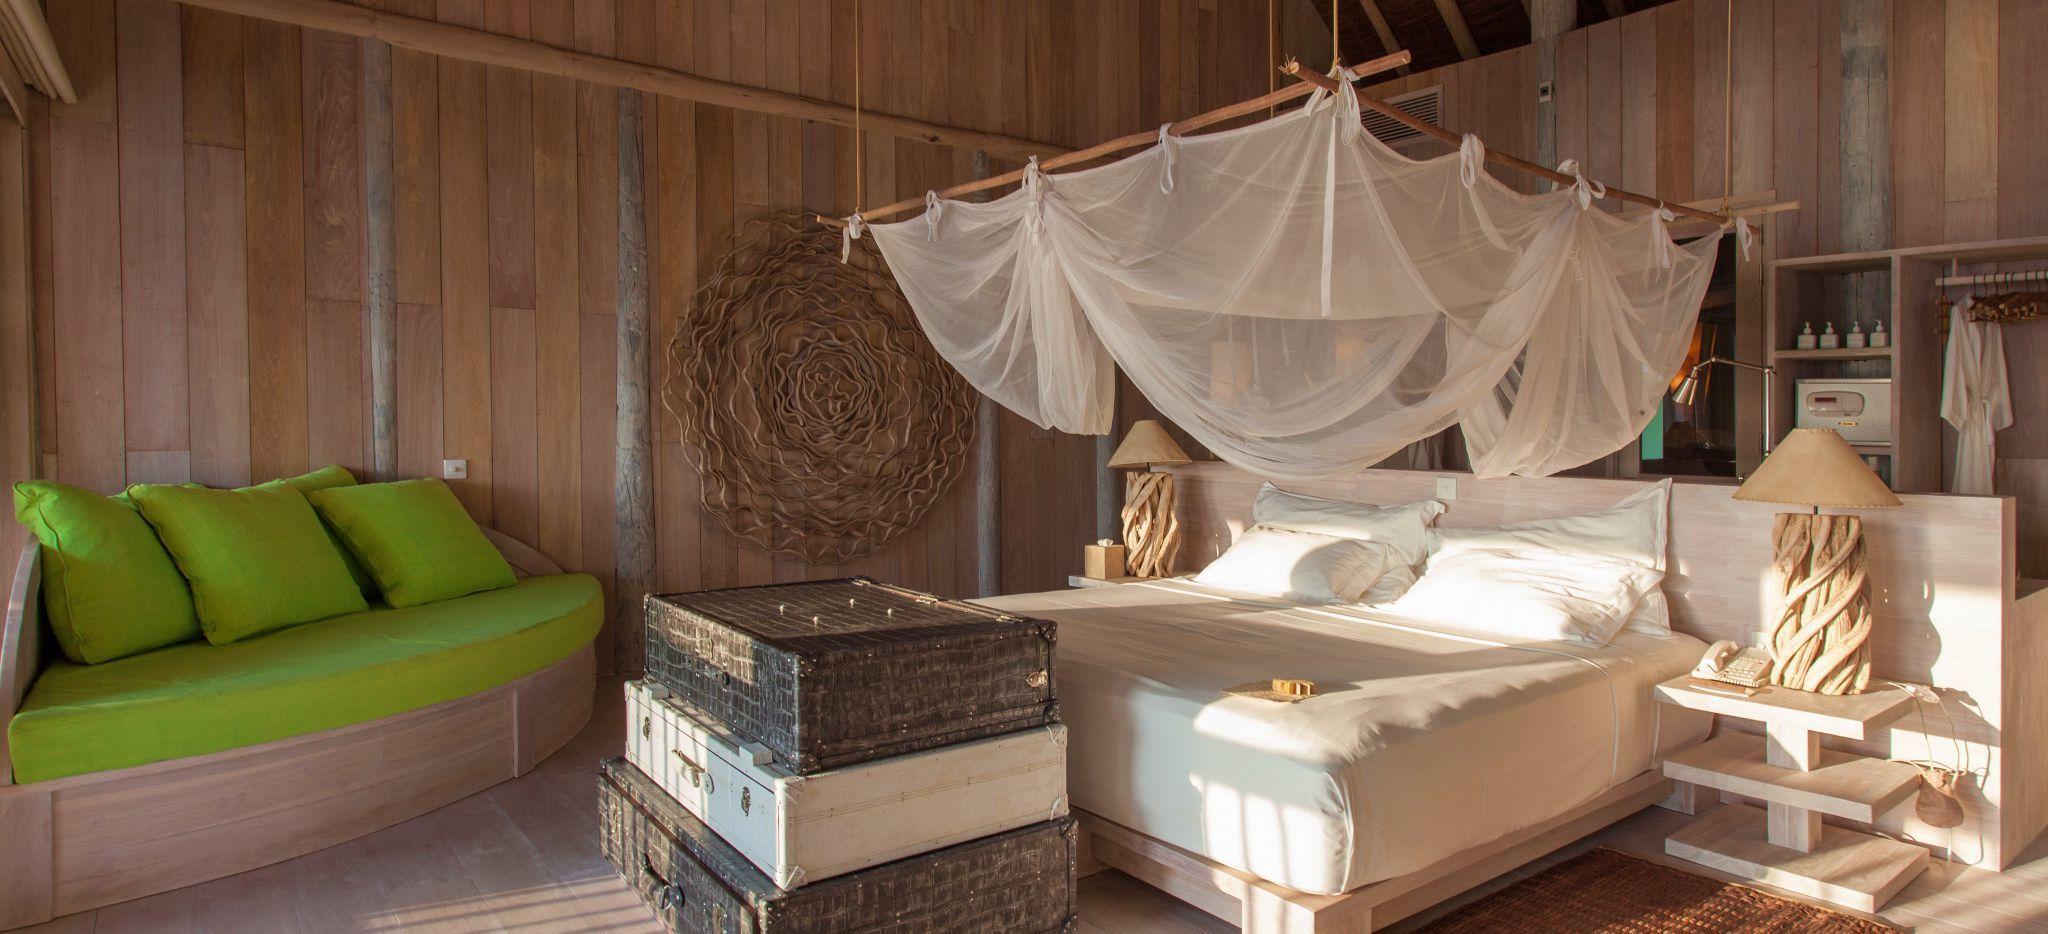 """Ein Schlafzimmer aus hellem Holz, luxuriös und stilvoll eingerichtet. Im Hotel """"Soneva Fushi"""" auf den Malediven."""